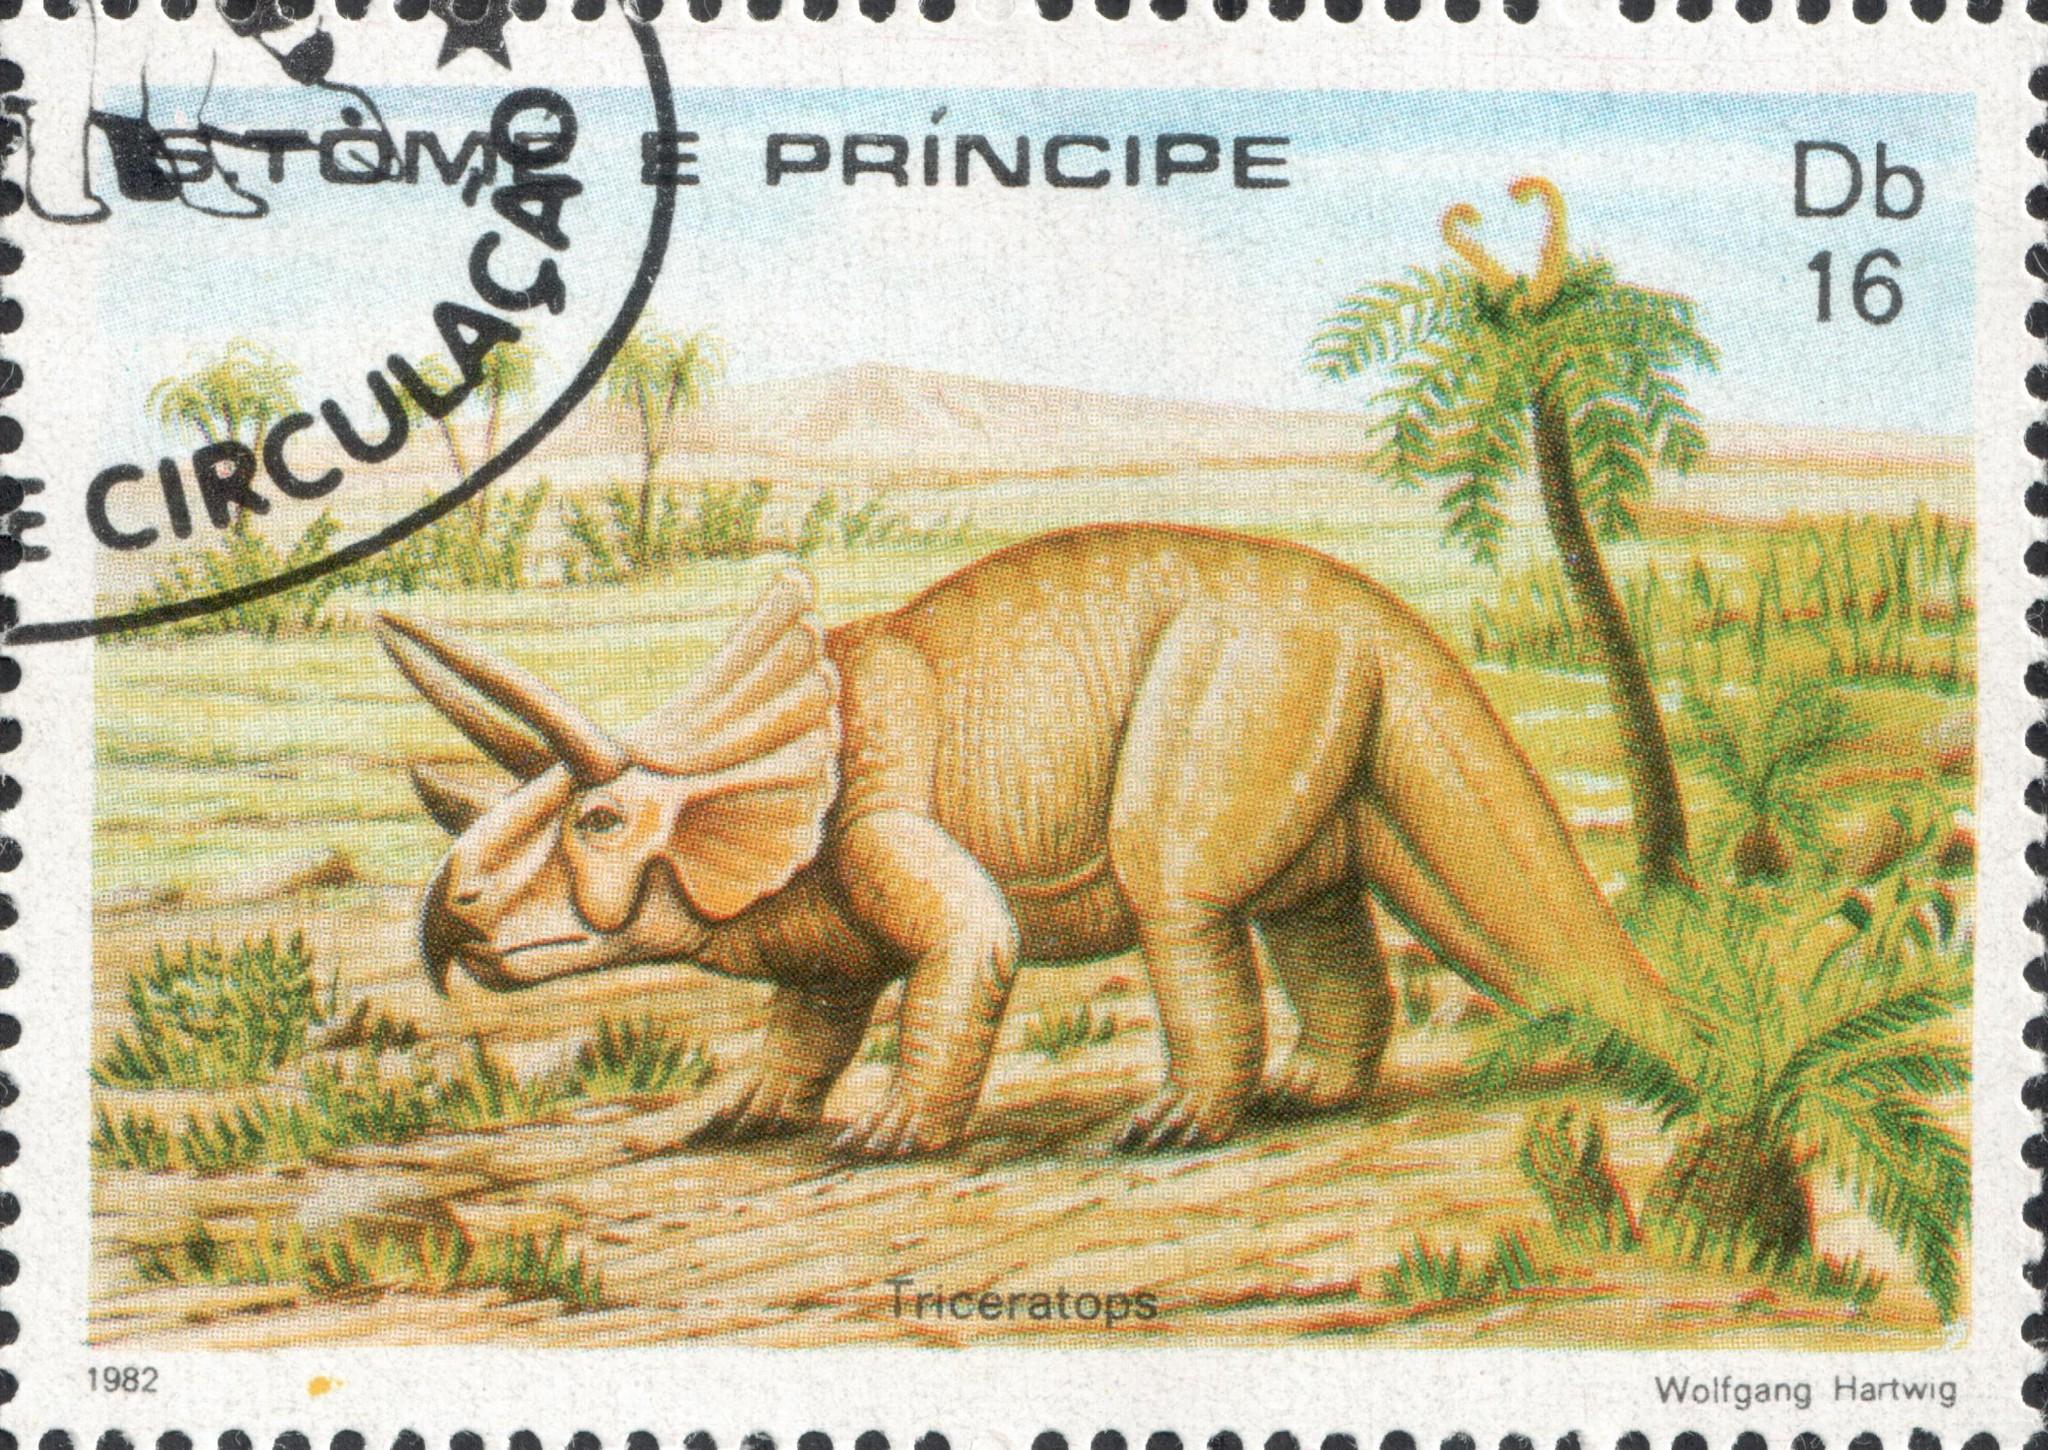 Трицератопсы (Triceratops)